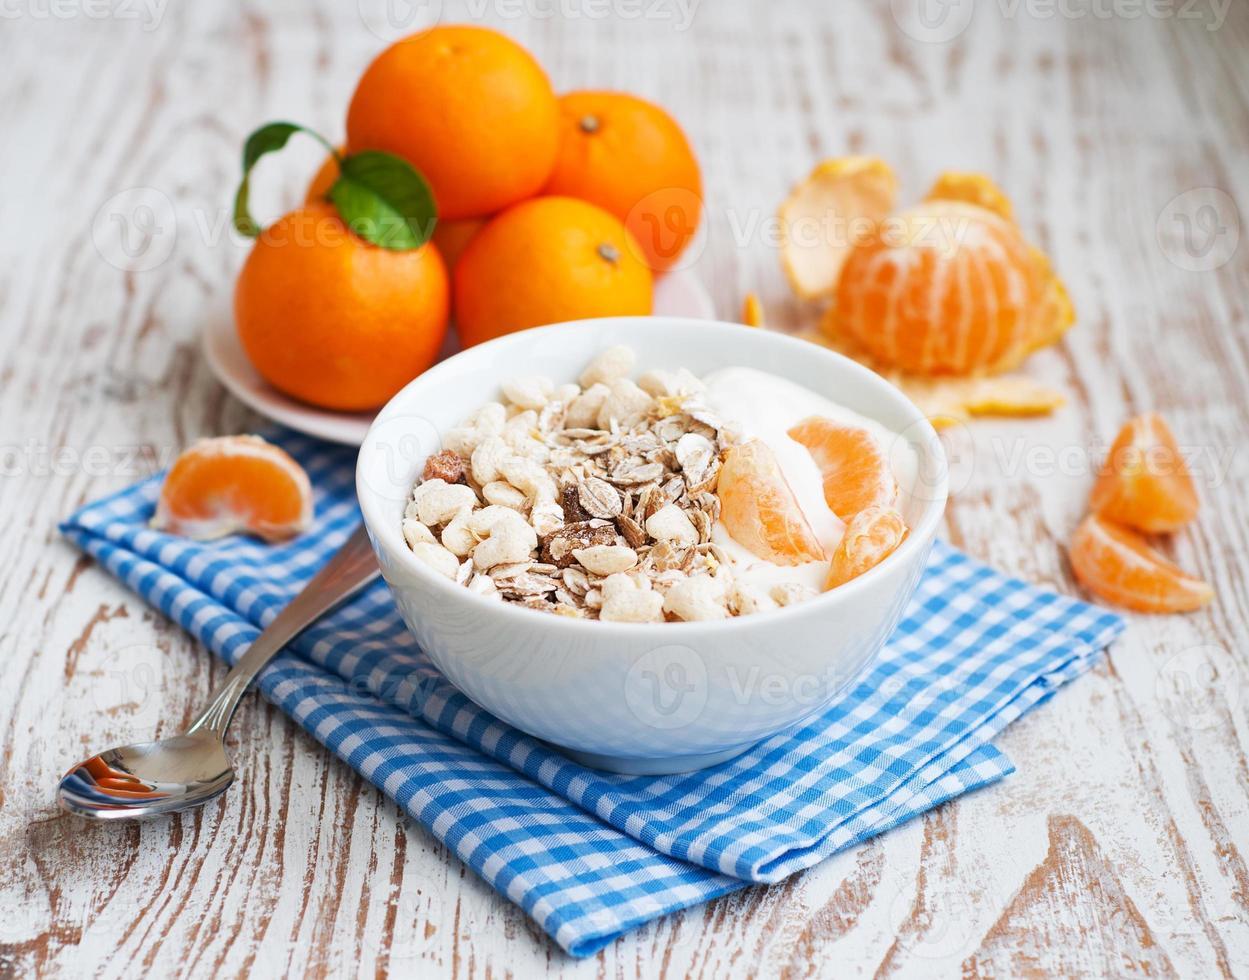 café da manhã saudável foto